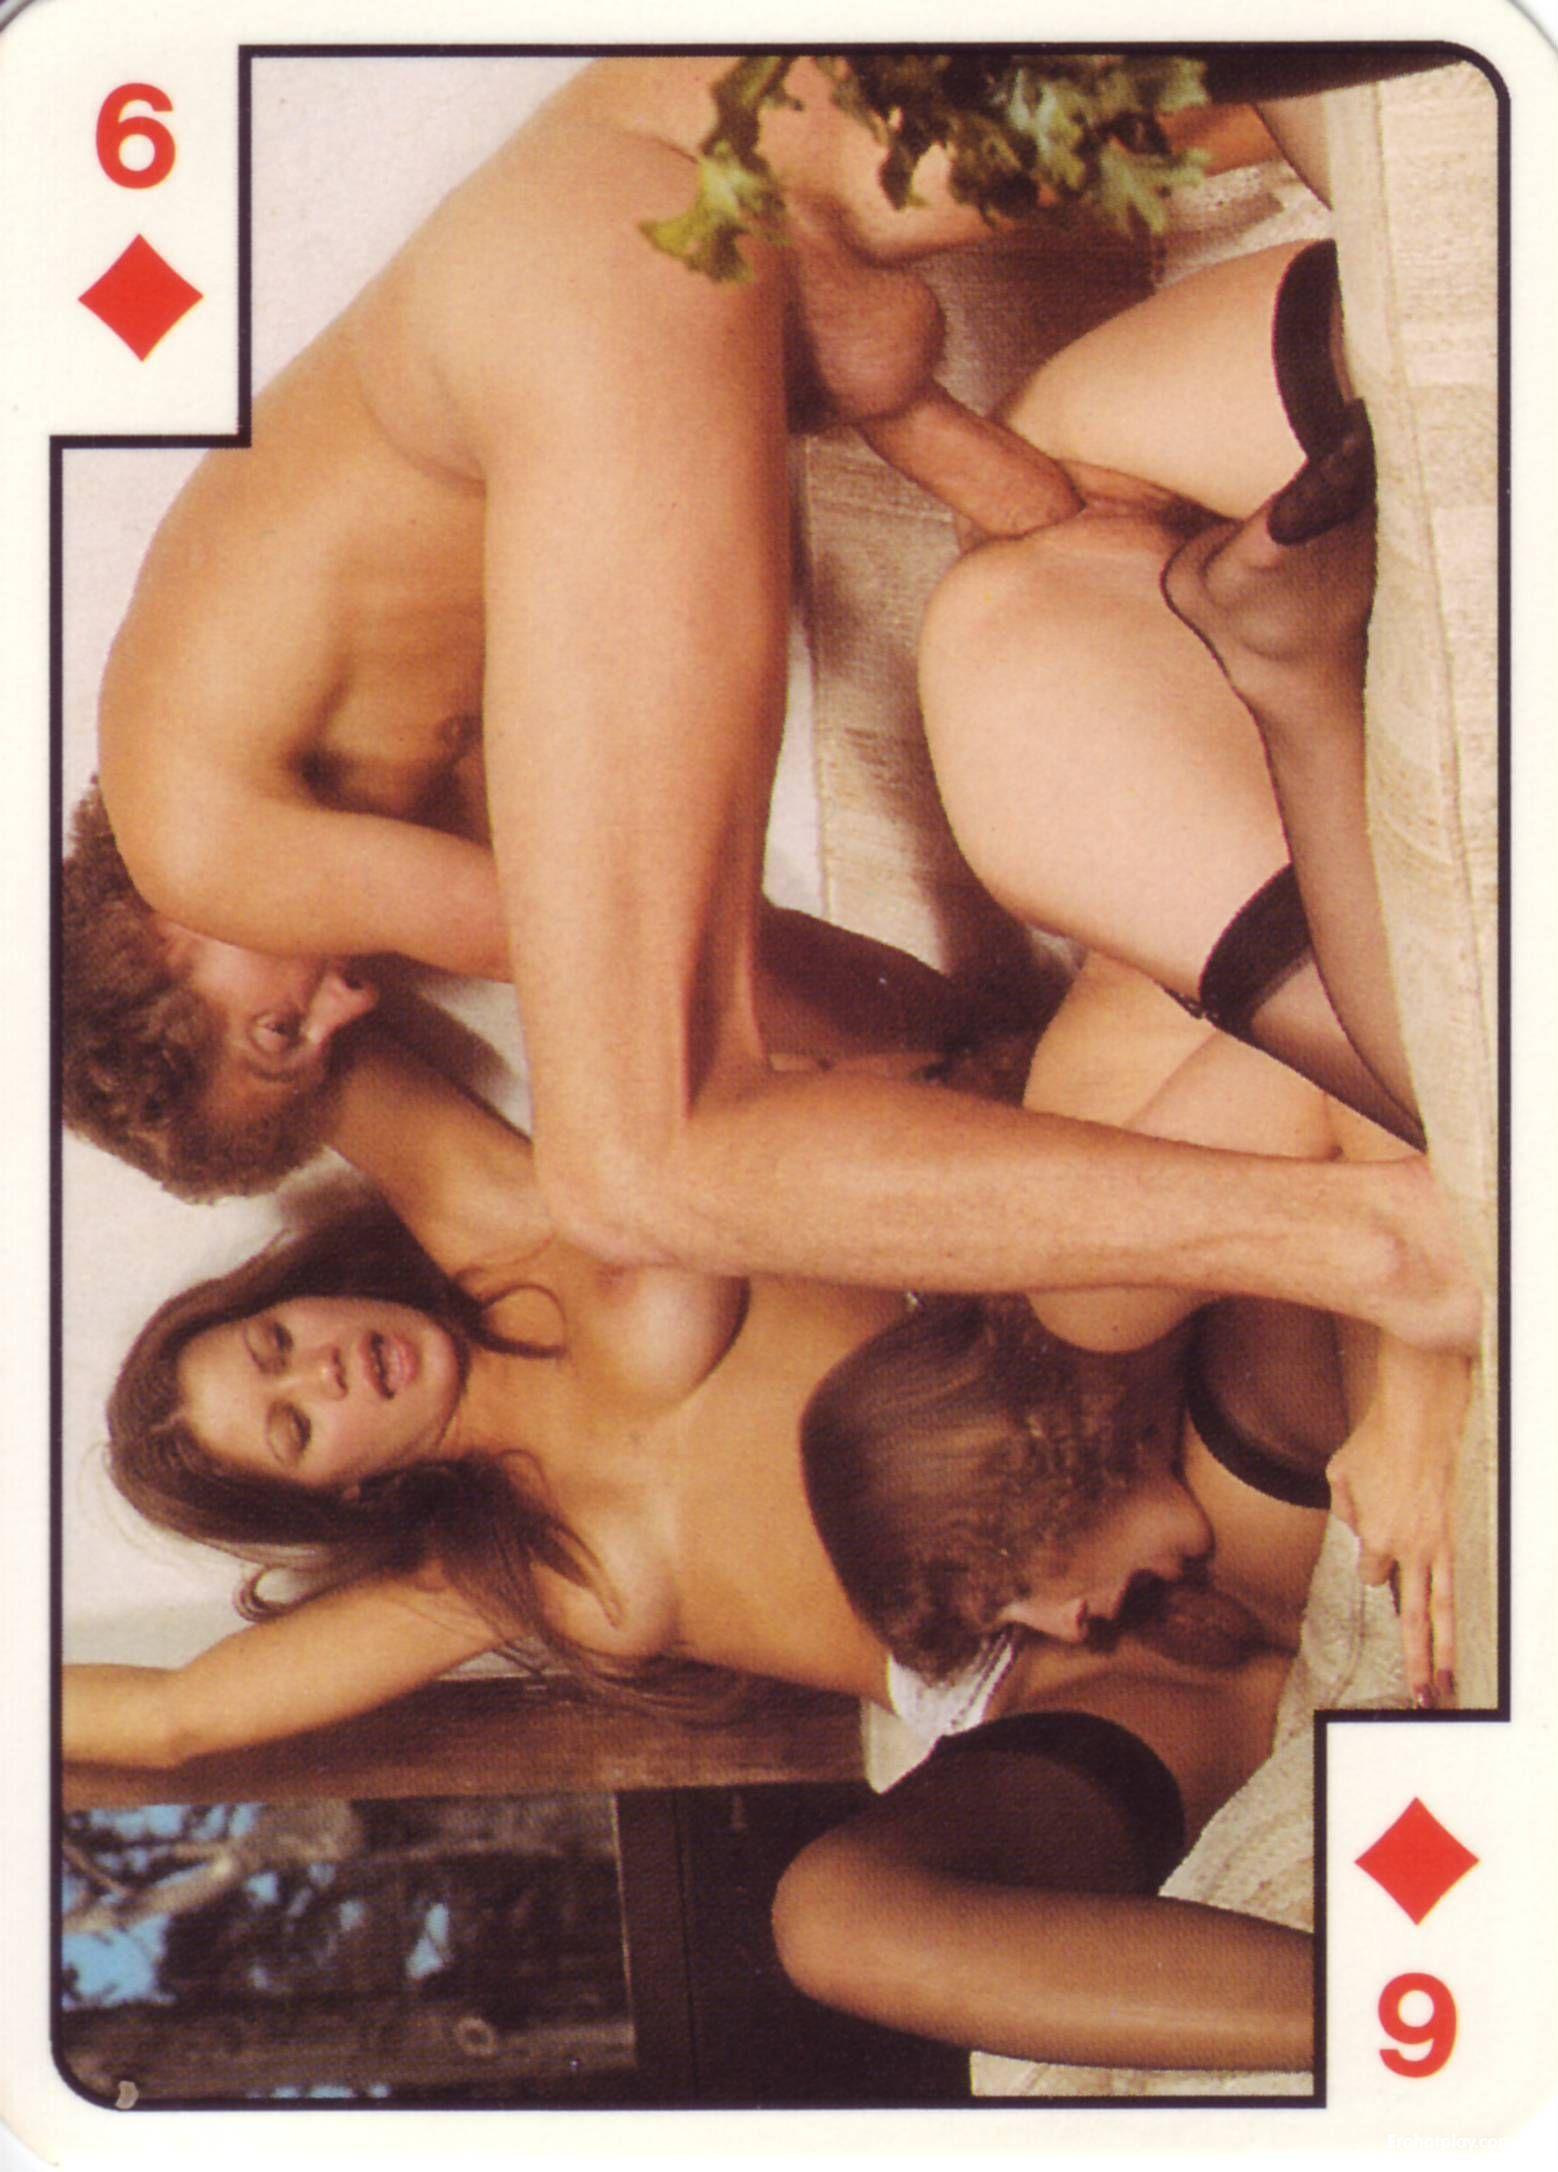 Рисованные эротические игральные карты 15 фотография